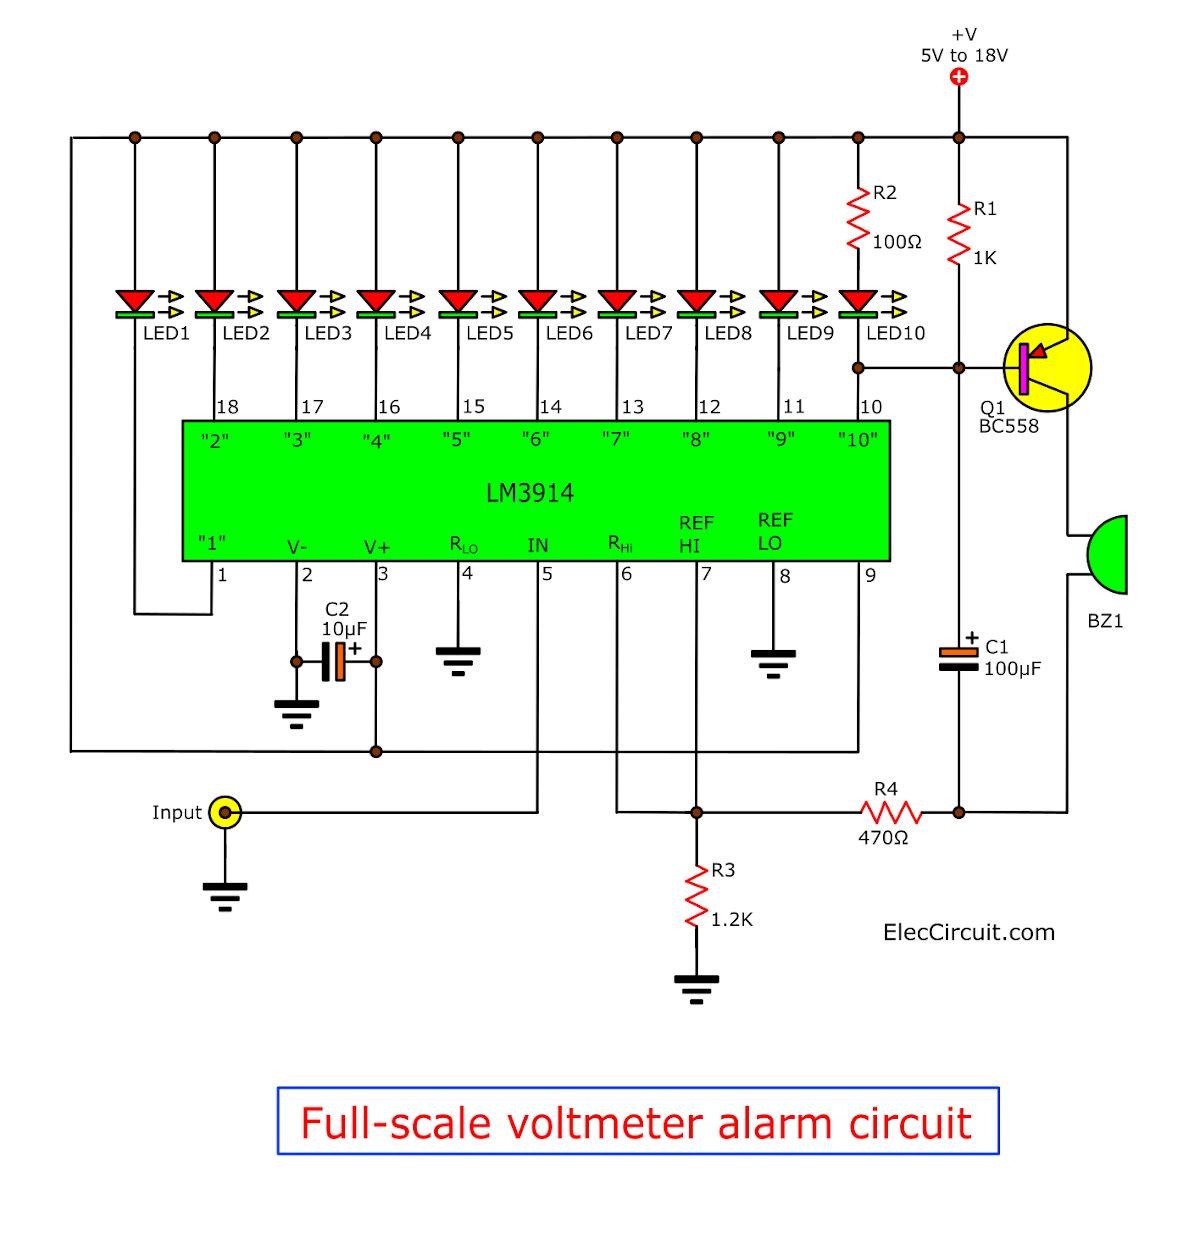 Full-scale voltmeter alarm circuit